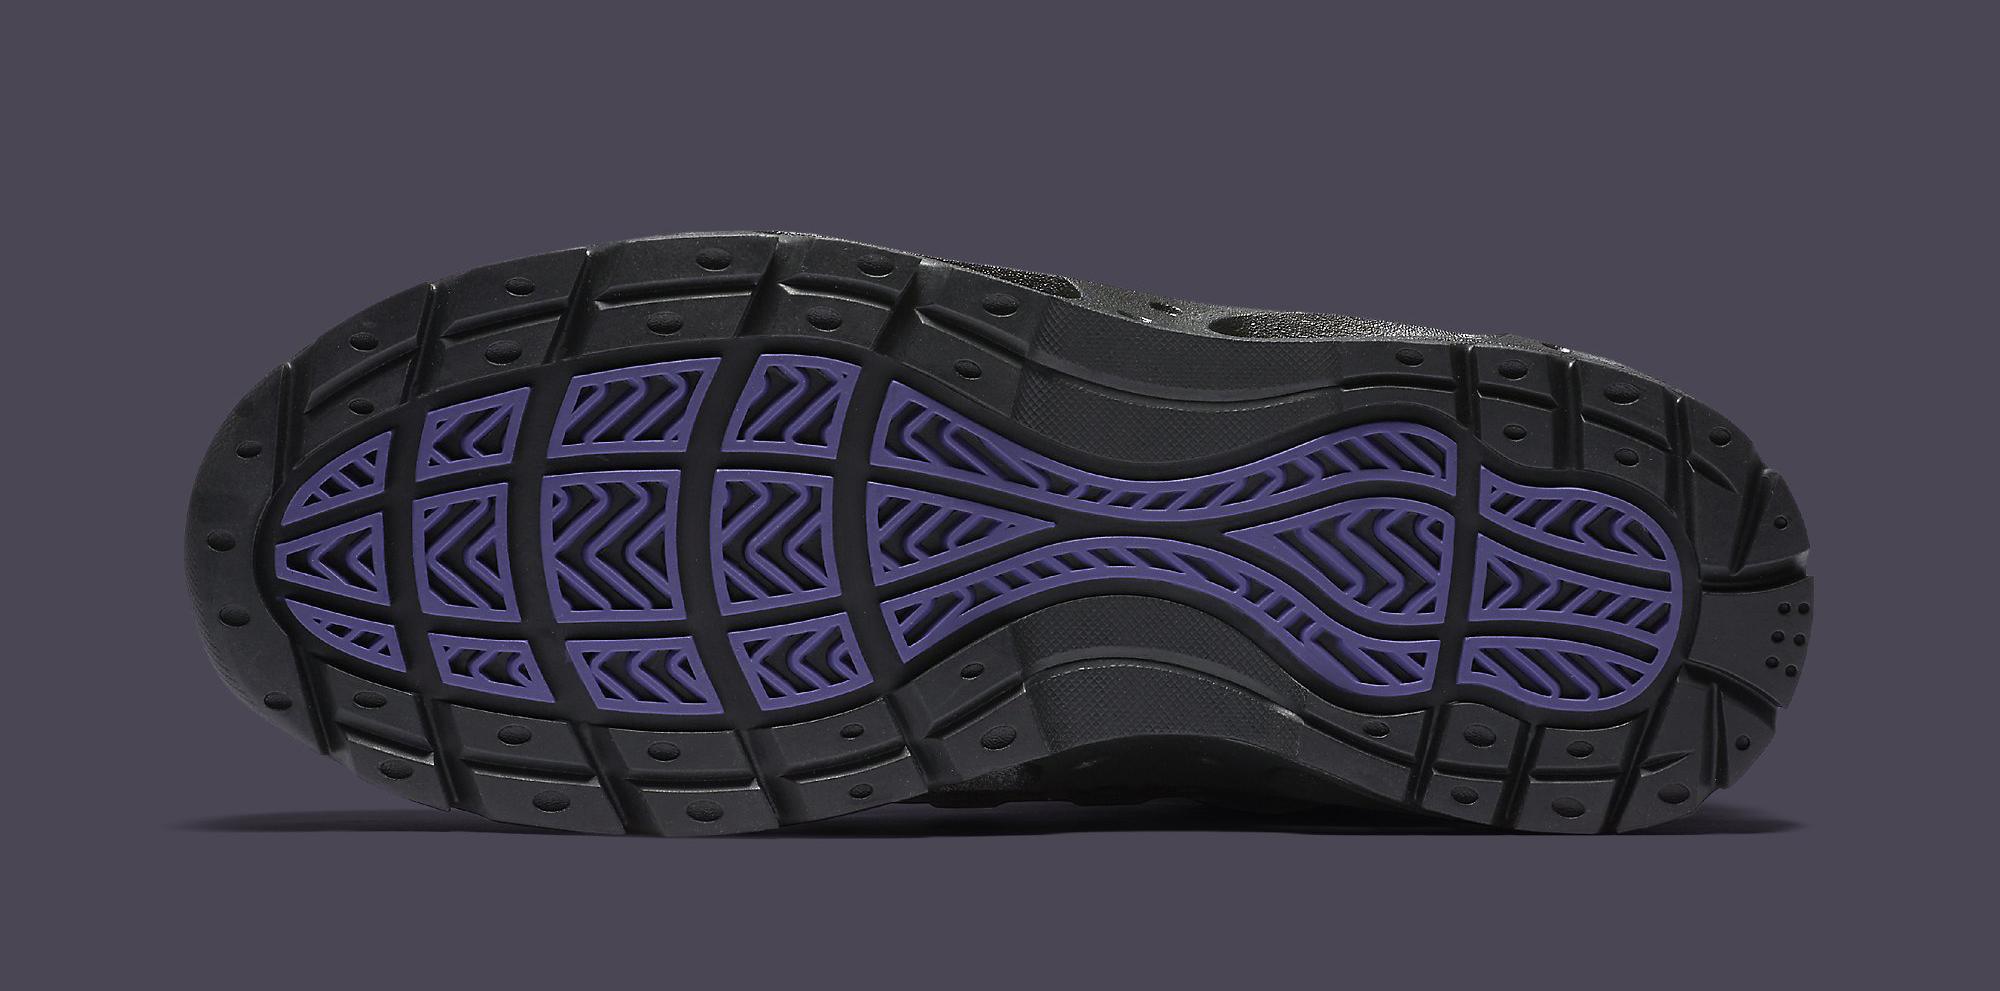 Nike Air Max Foamdome Eggplant 843749-500 Sole